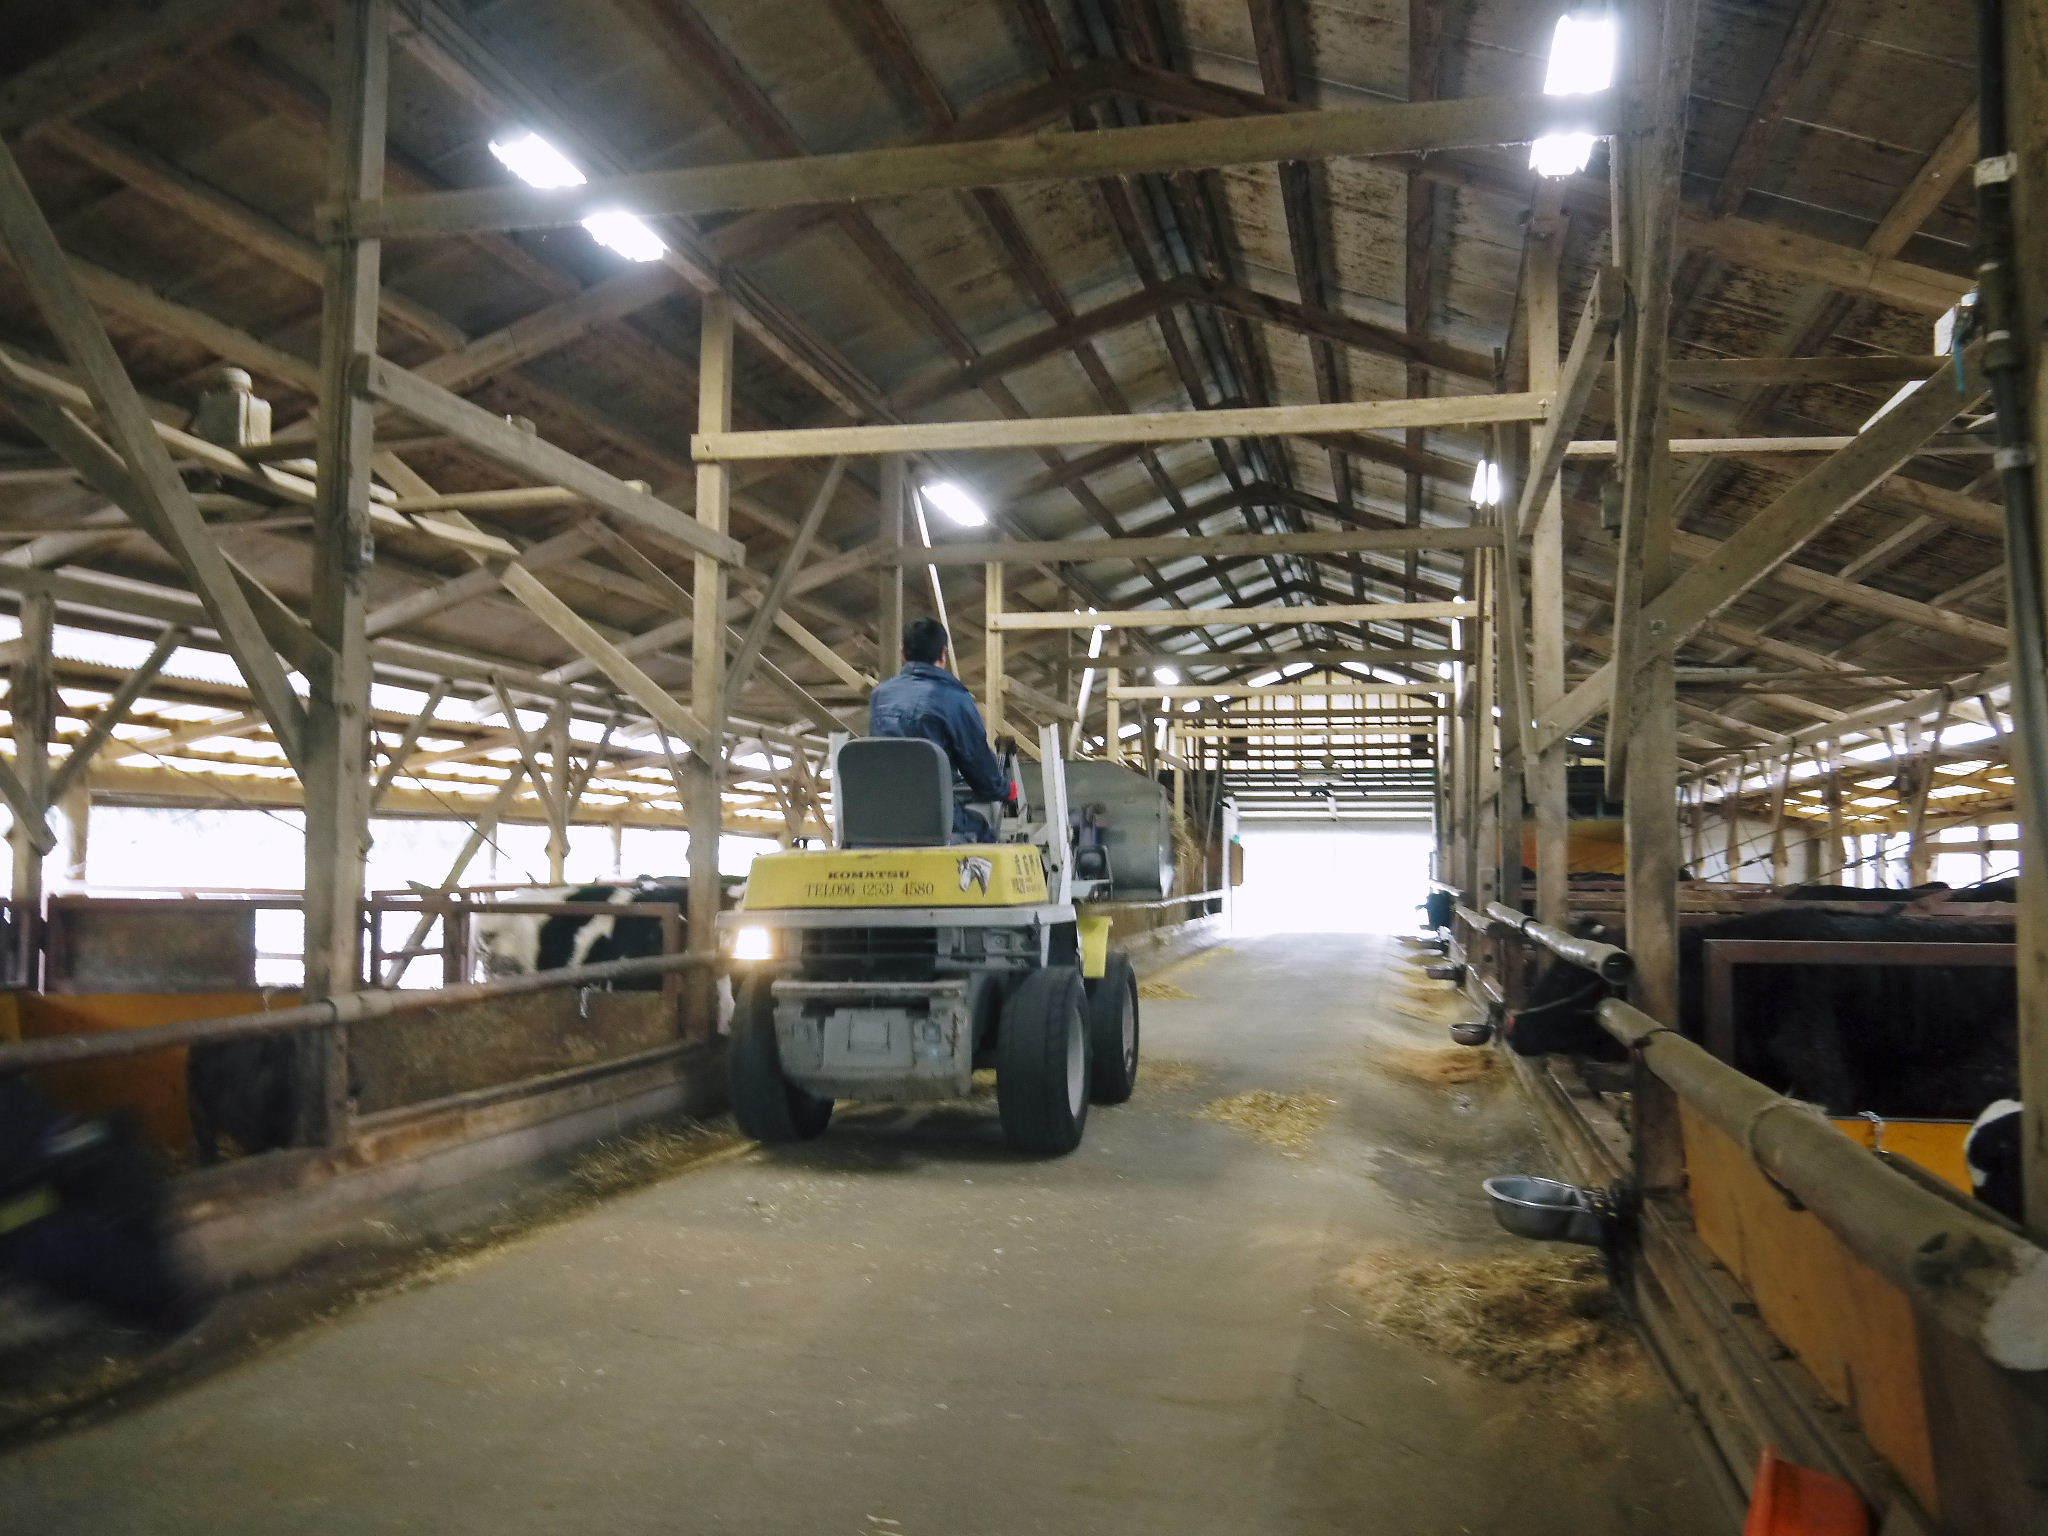 熊本県産黒毛和牛の精肉販売に向けて 「中野畜産」の牧場を現地取材!こだわりのエサについて!_a0254656_17244915.jpg